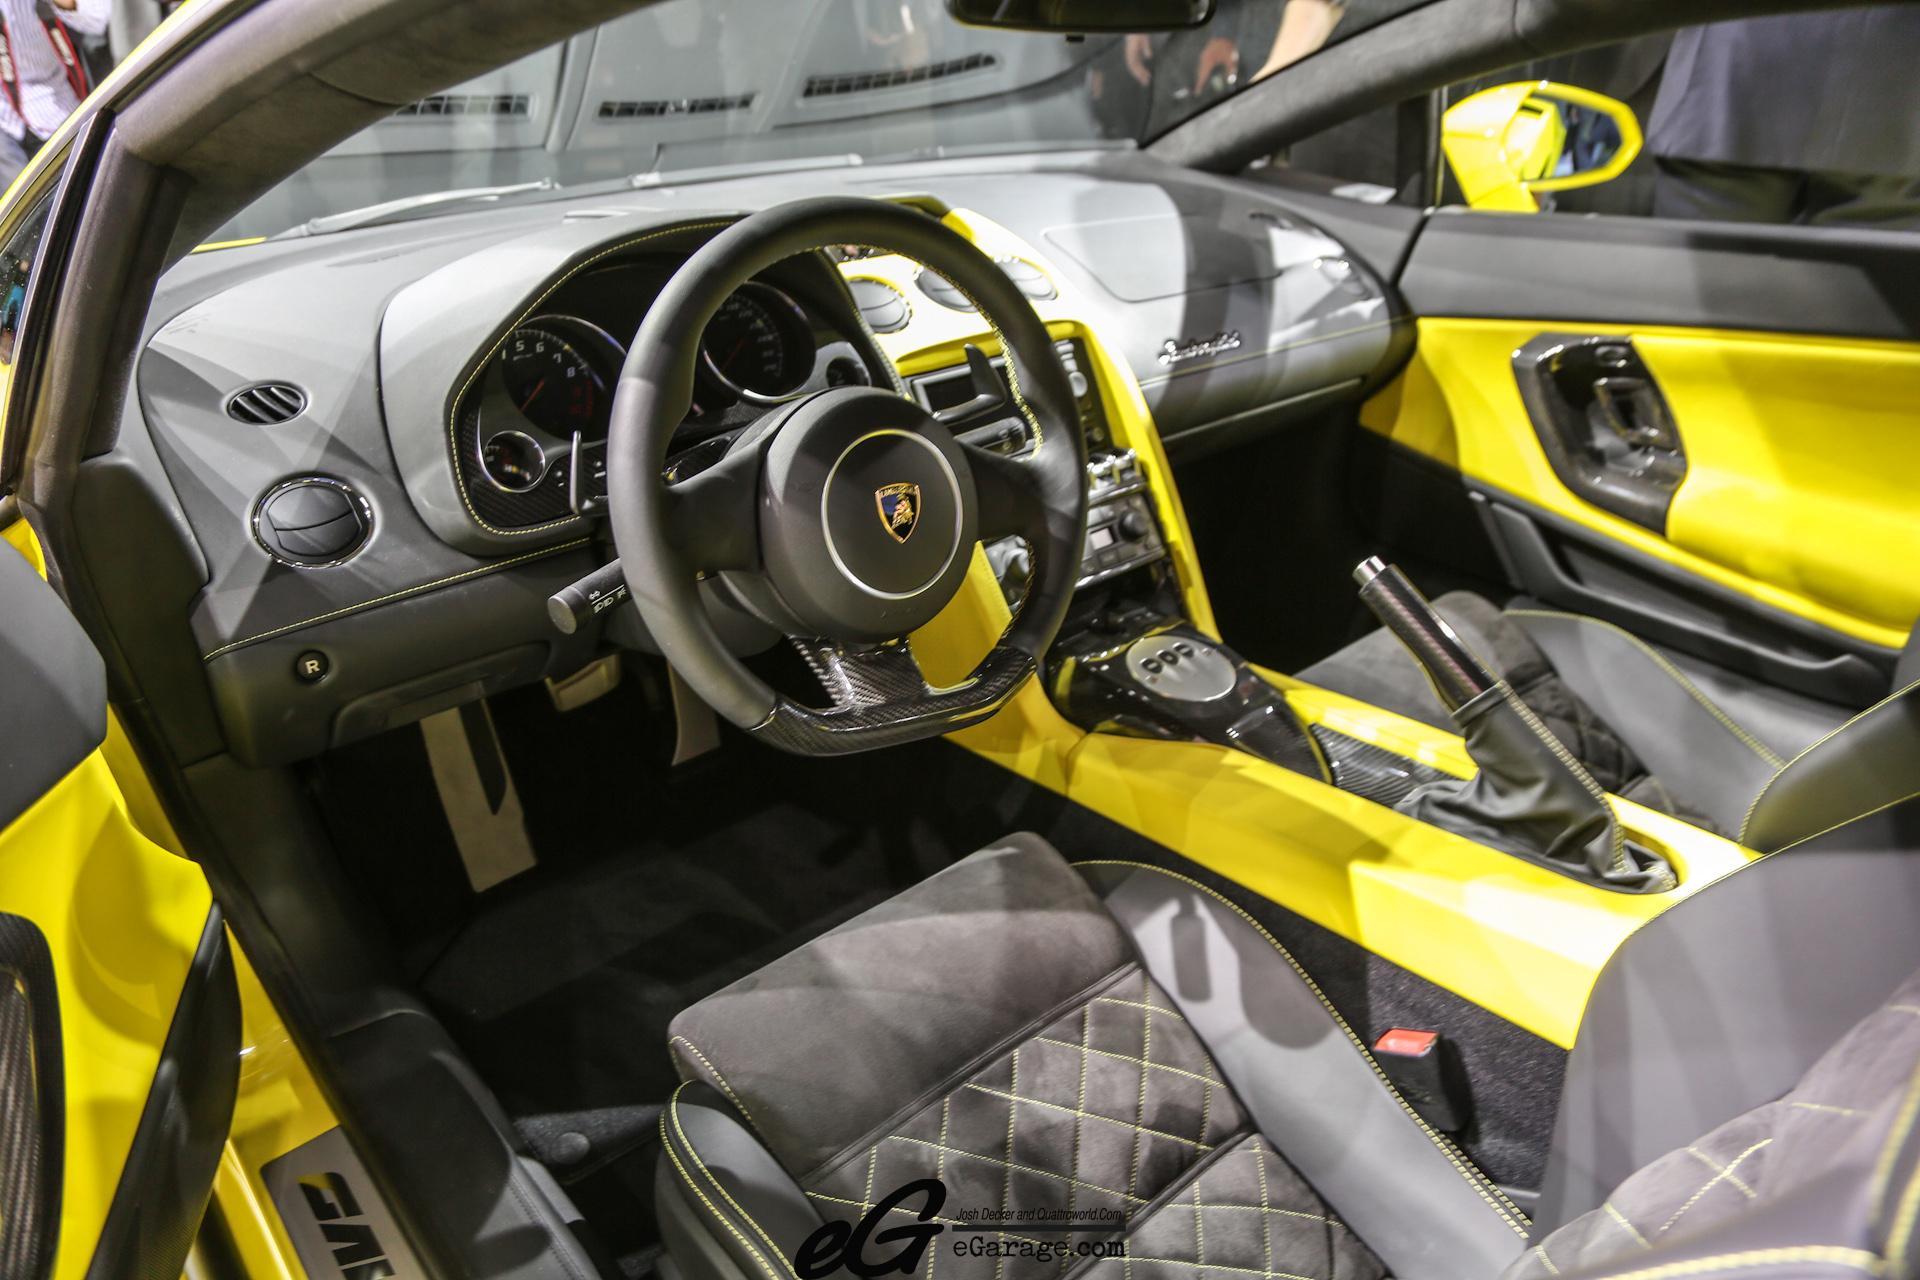 8030395463 6b9b057f42 o 2012 Paris Motor Show